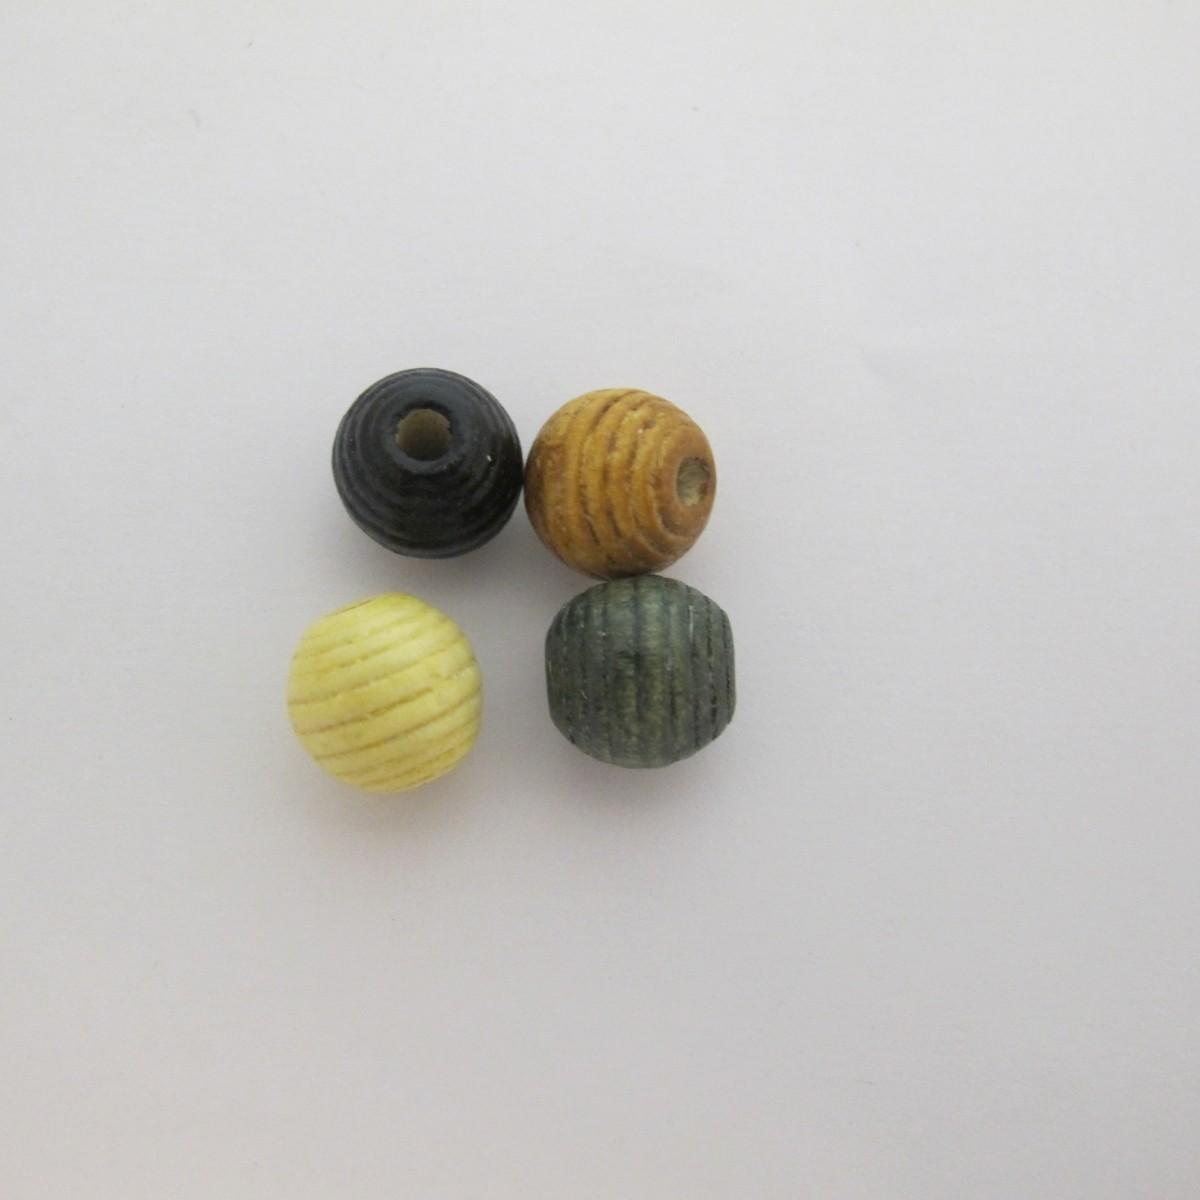 Vente 100 perles rondes bois 12mm en gros for Vente bois flotte gros